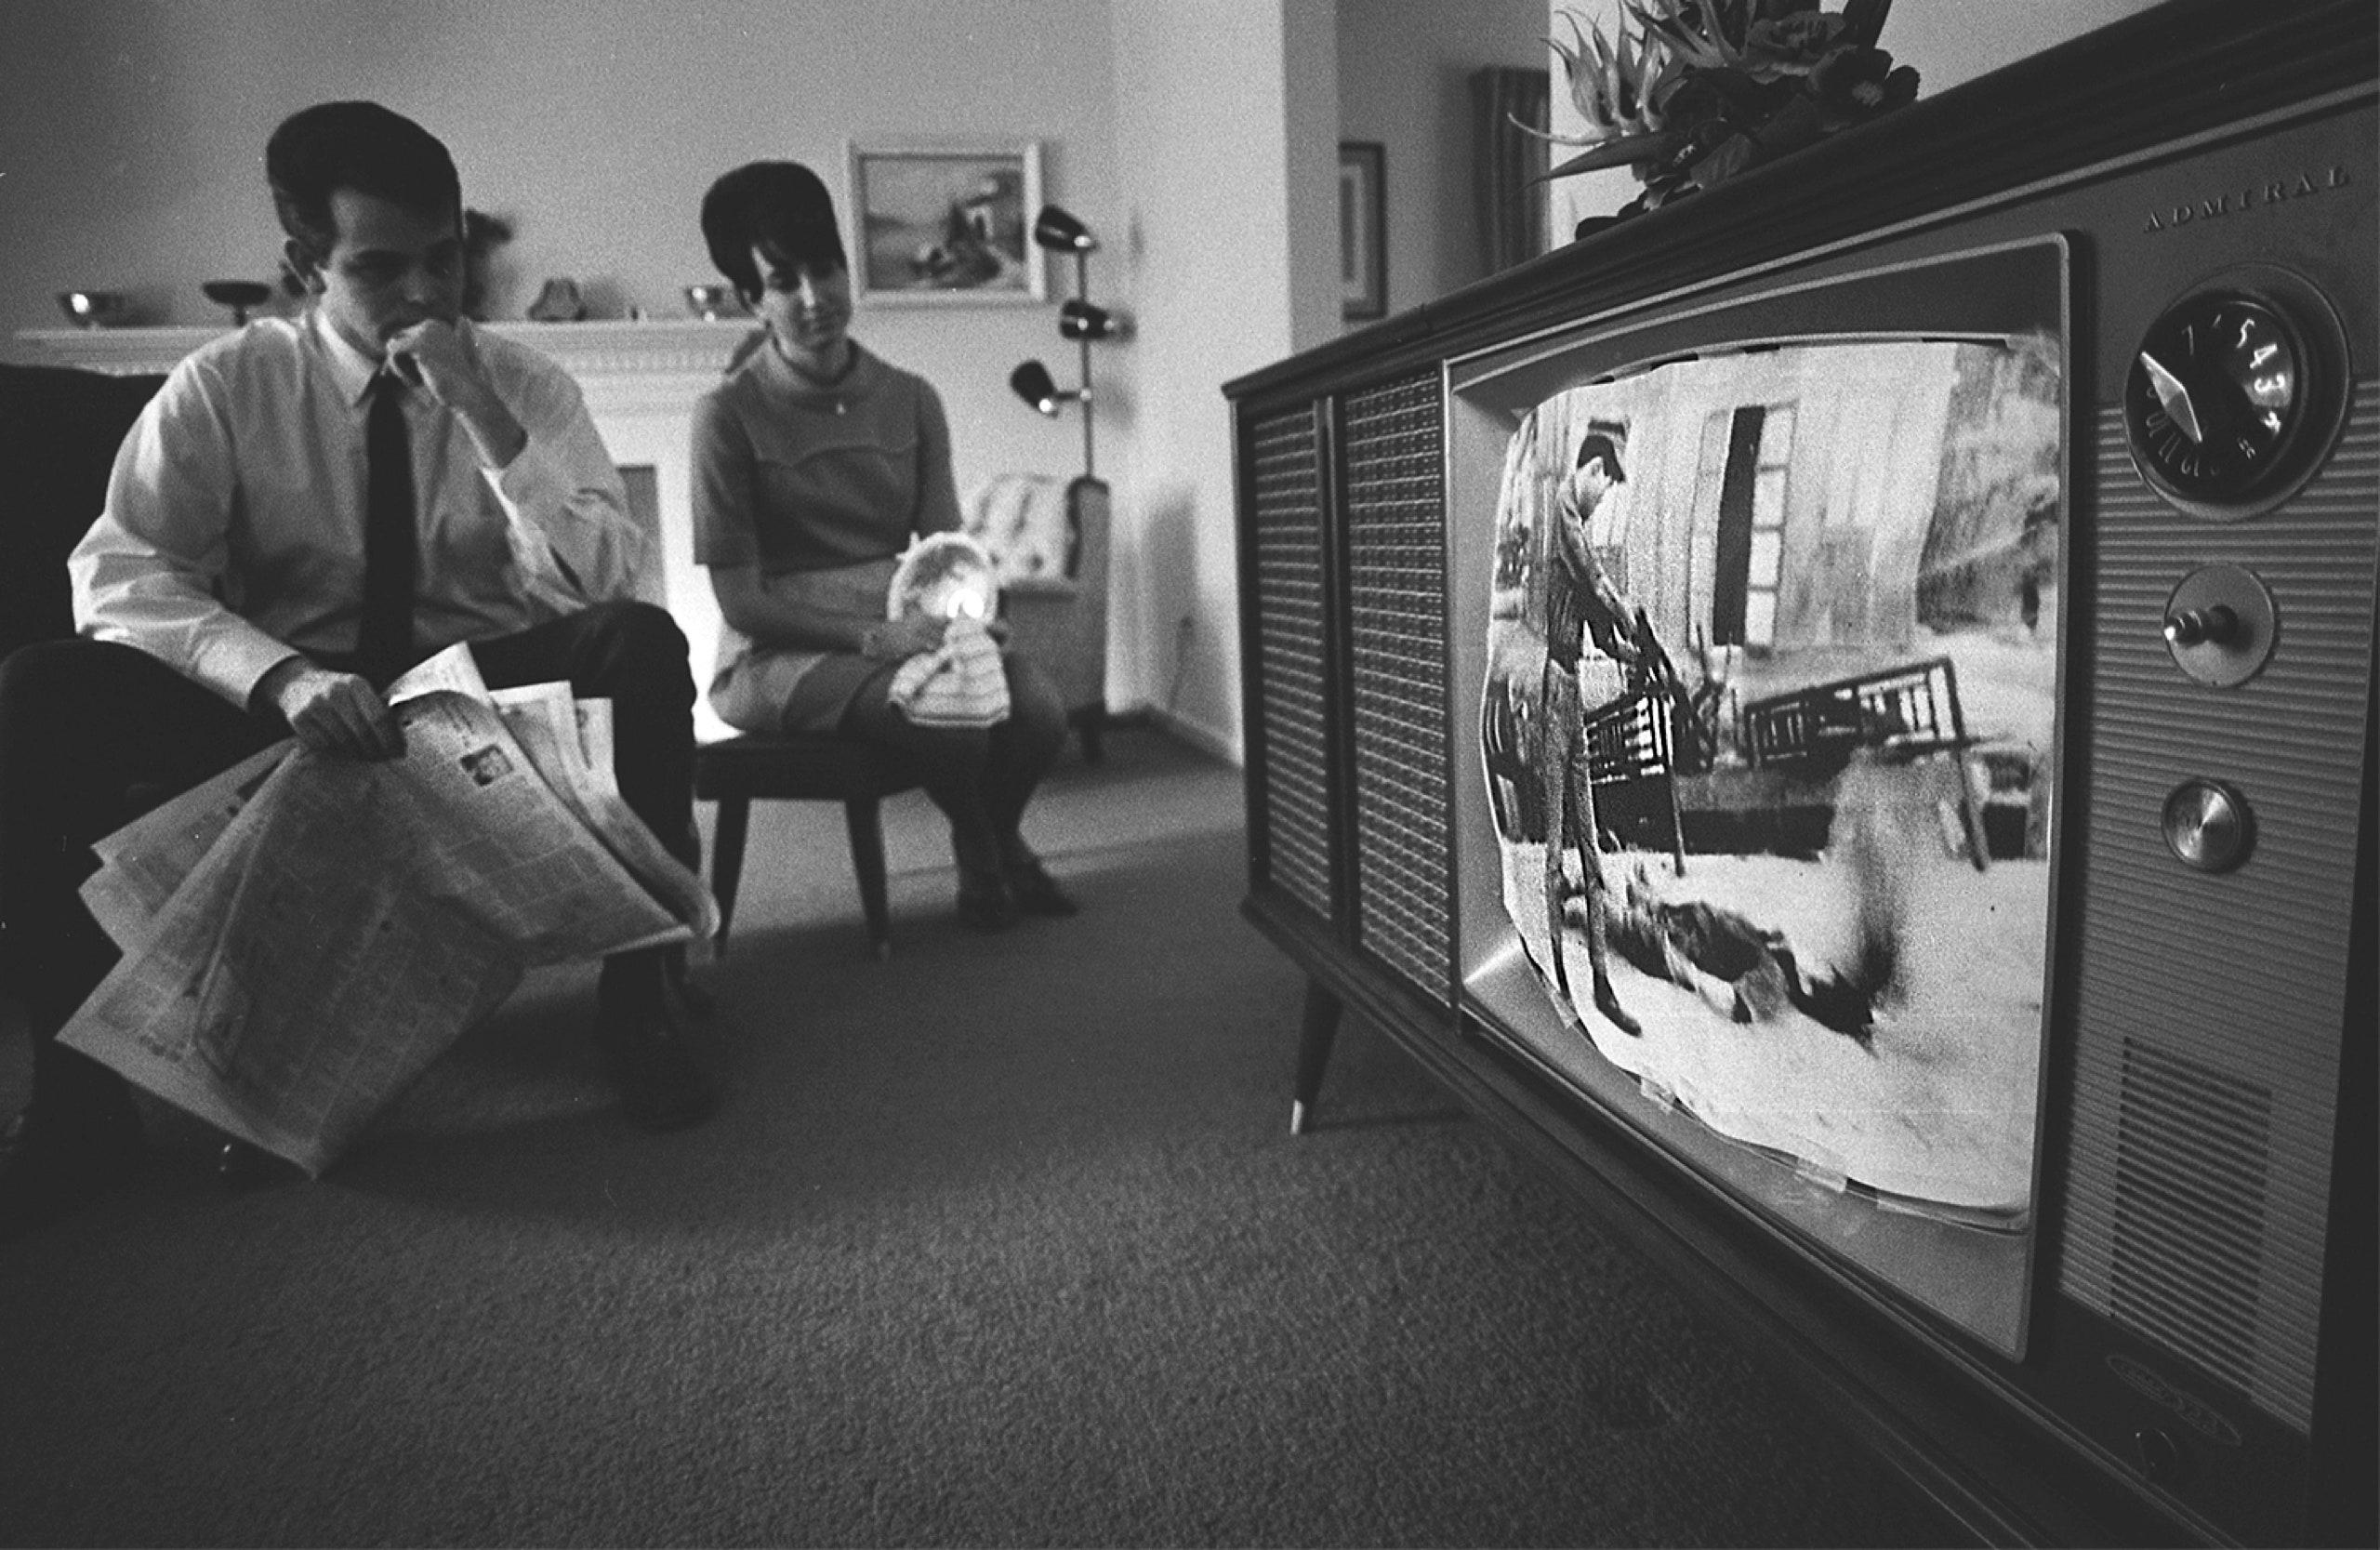 Vai trò của truyền hình trong diễn biến Chiến tranh Việt Nam